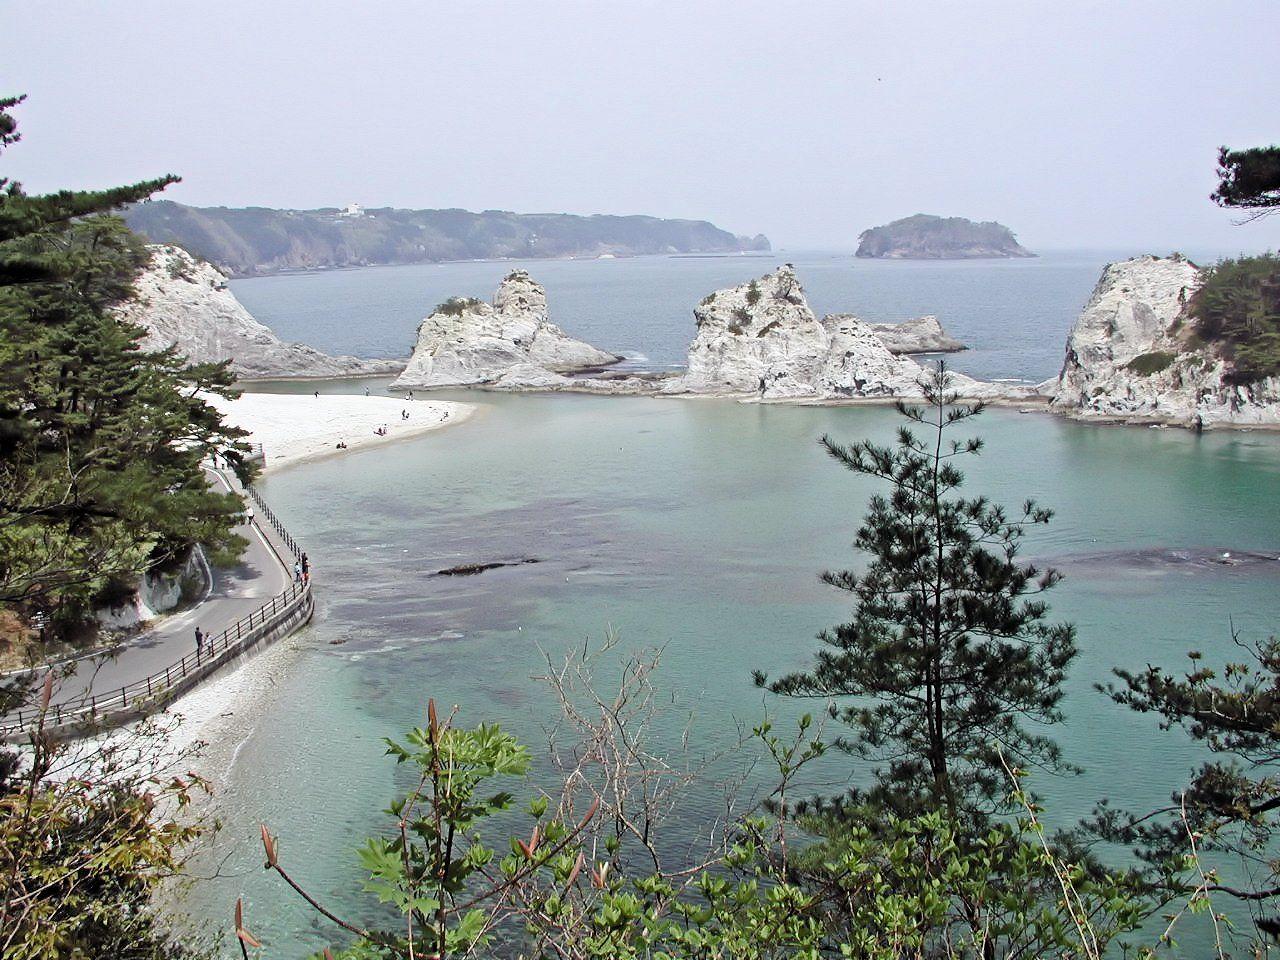 波穏やかな白い入江は約5200万年前に白い岩と白い小石で形成された